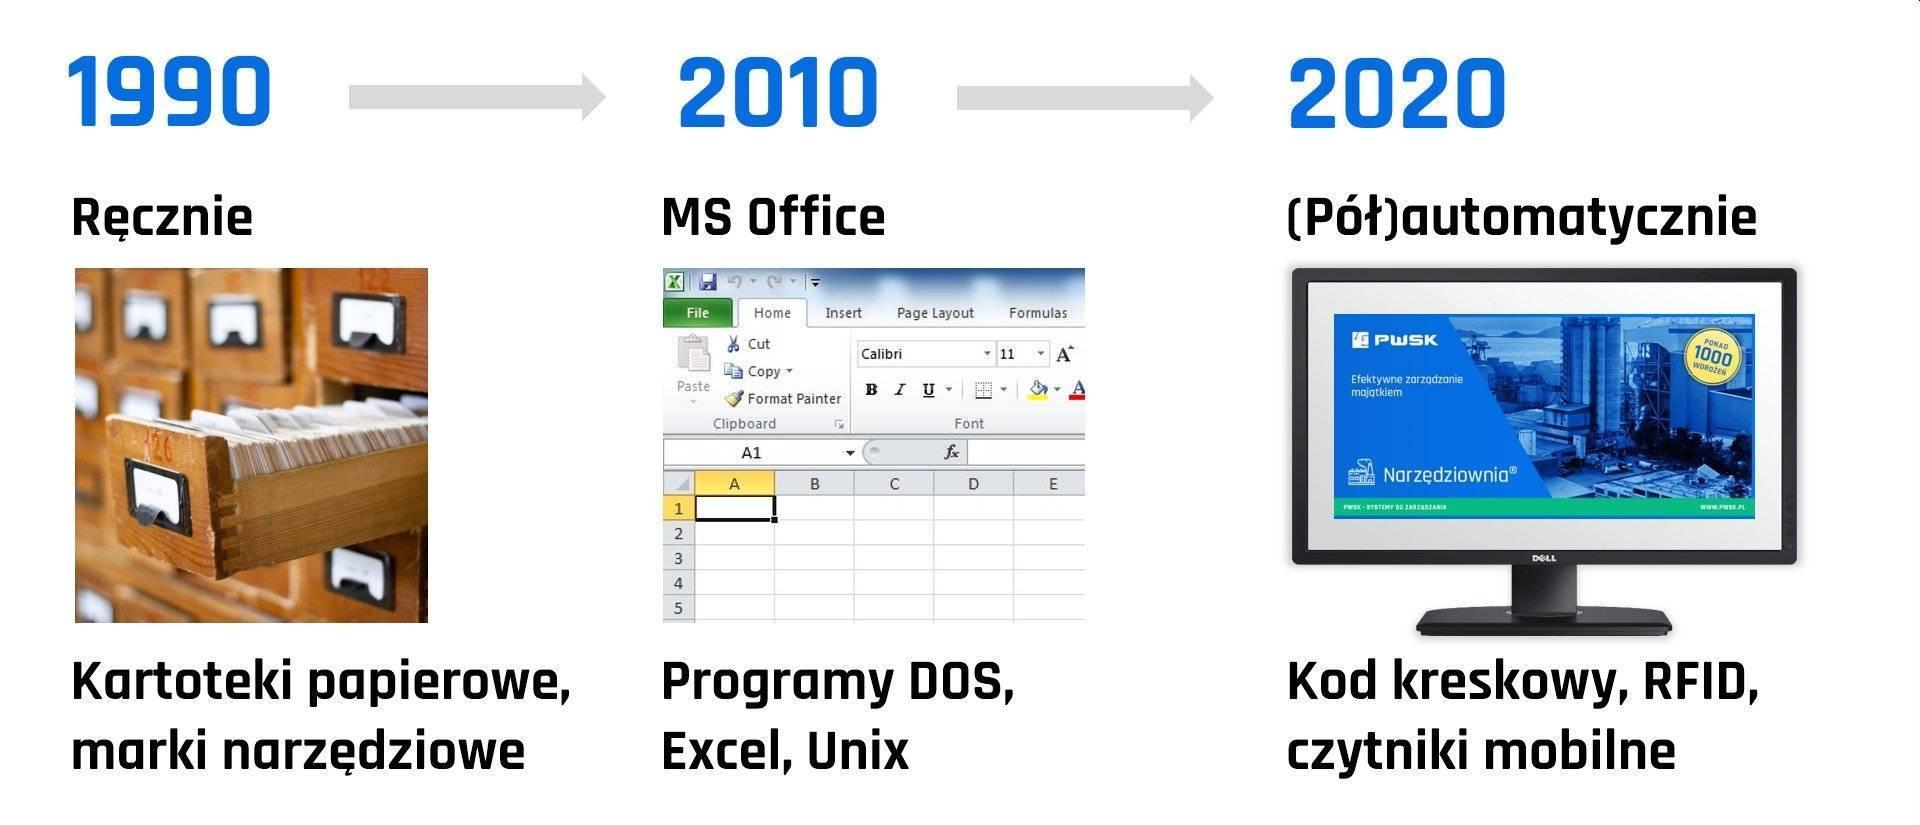 Ewolucja zarządzania narzędziami